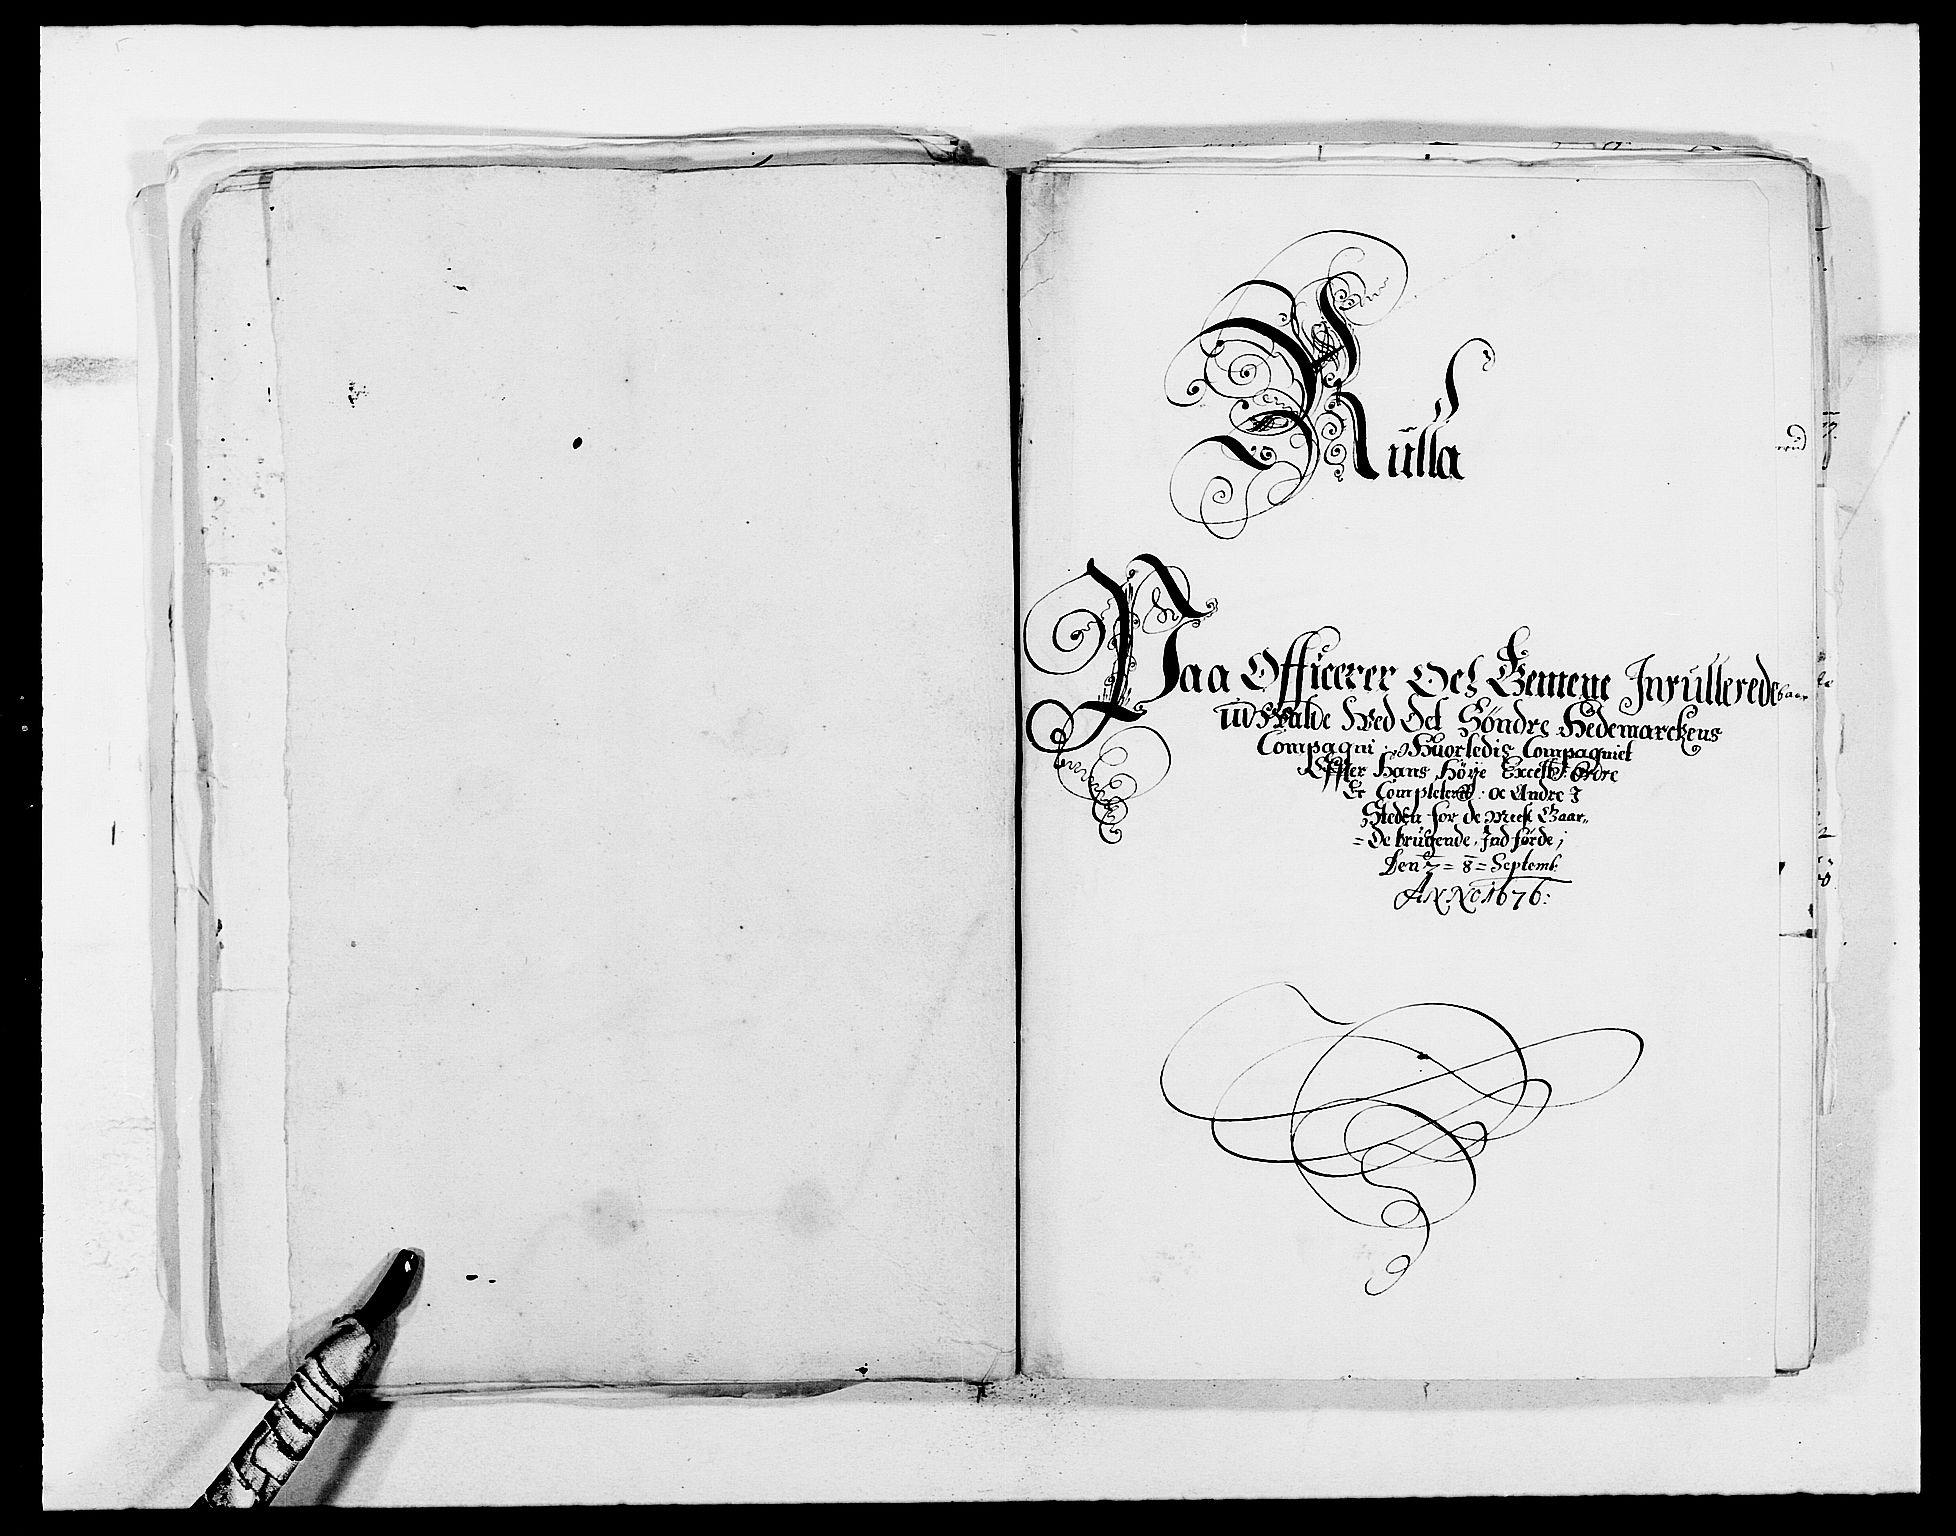 RA, Rentekammeret inntil 1814, Reviderte regnskaper, Fogderegnskap, R16/L1019: Fogderegnskap Hedmark, 1679, s. 206